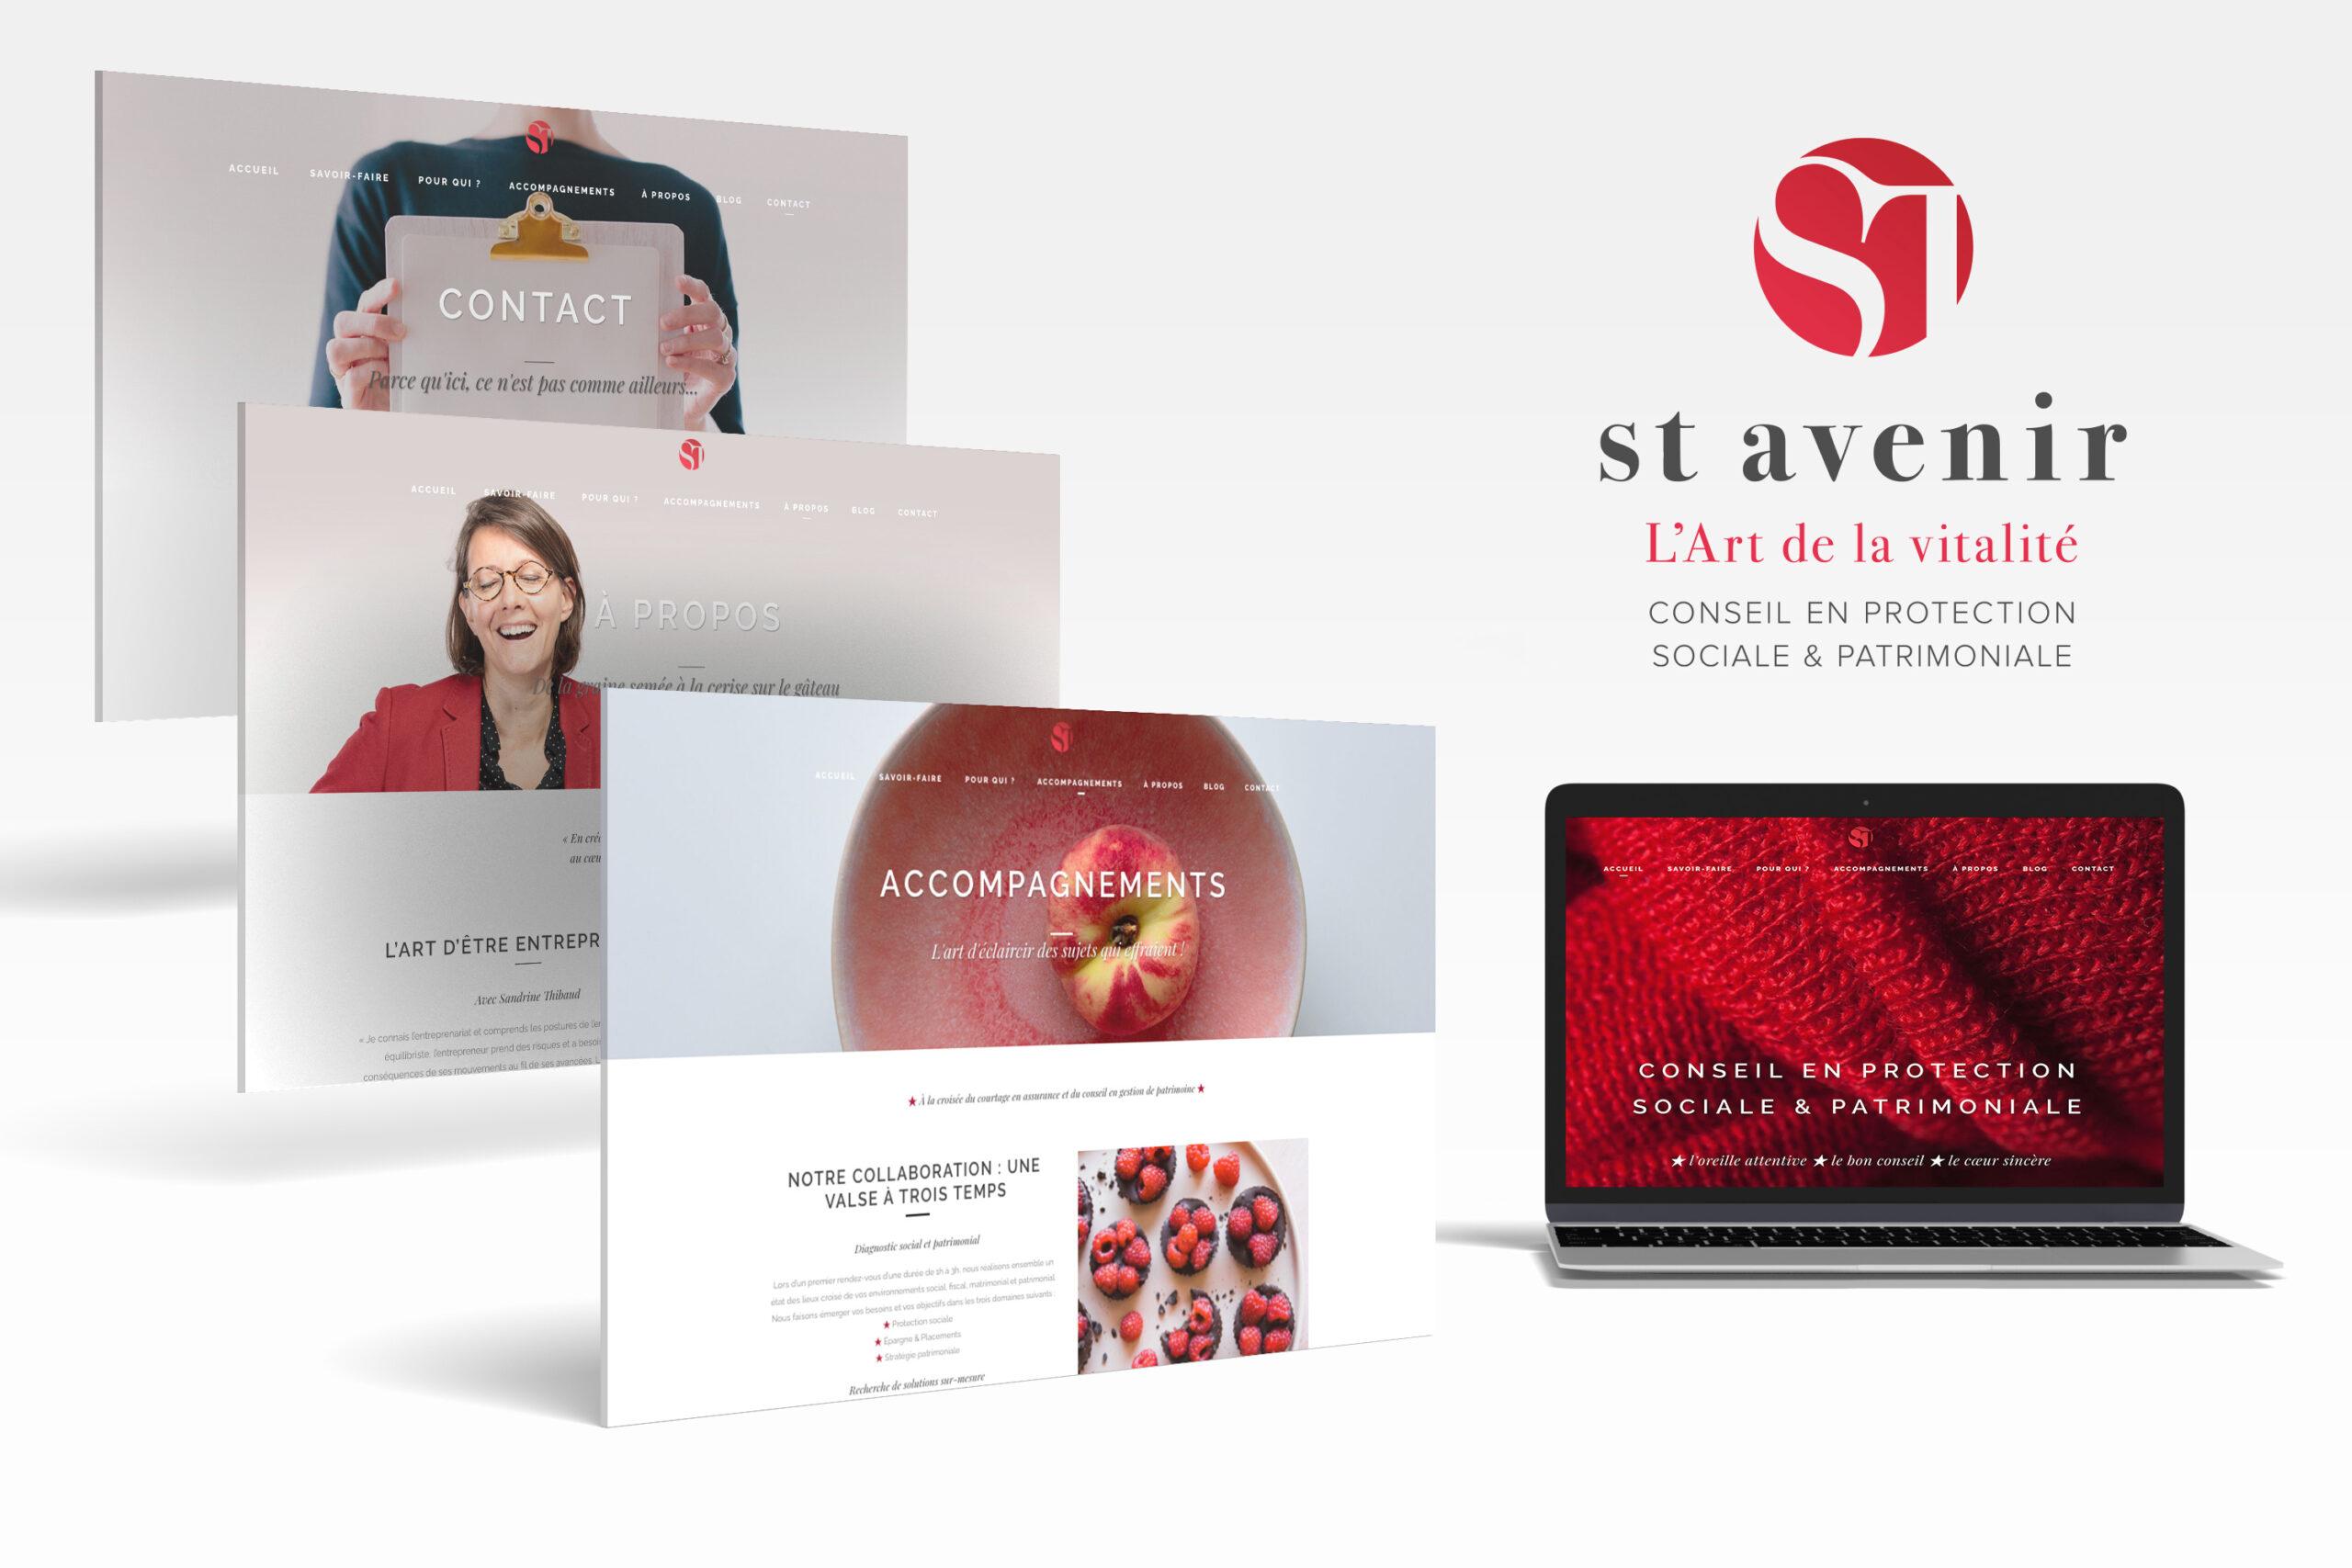 Présentation-SITE : STavenir.fr